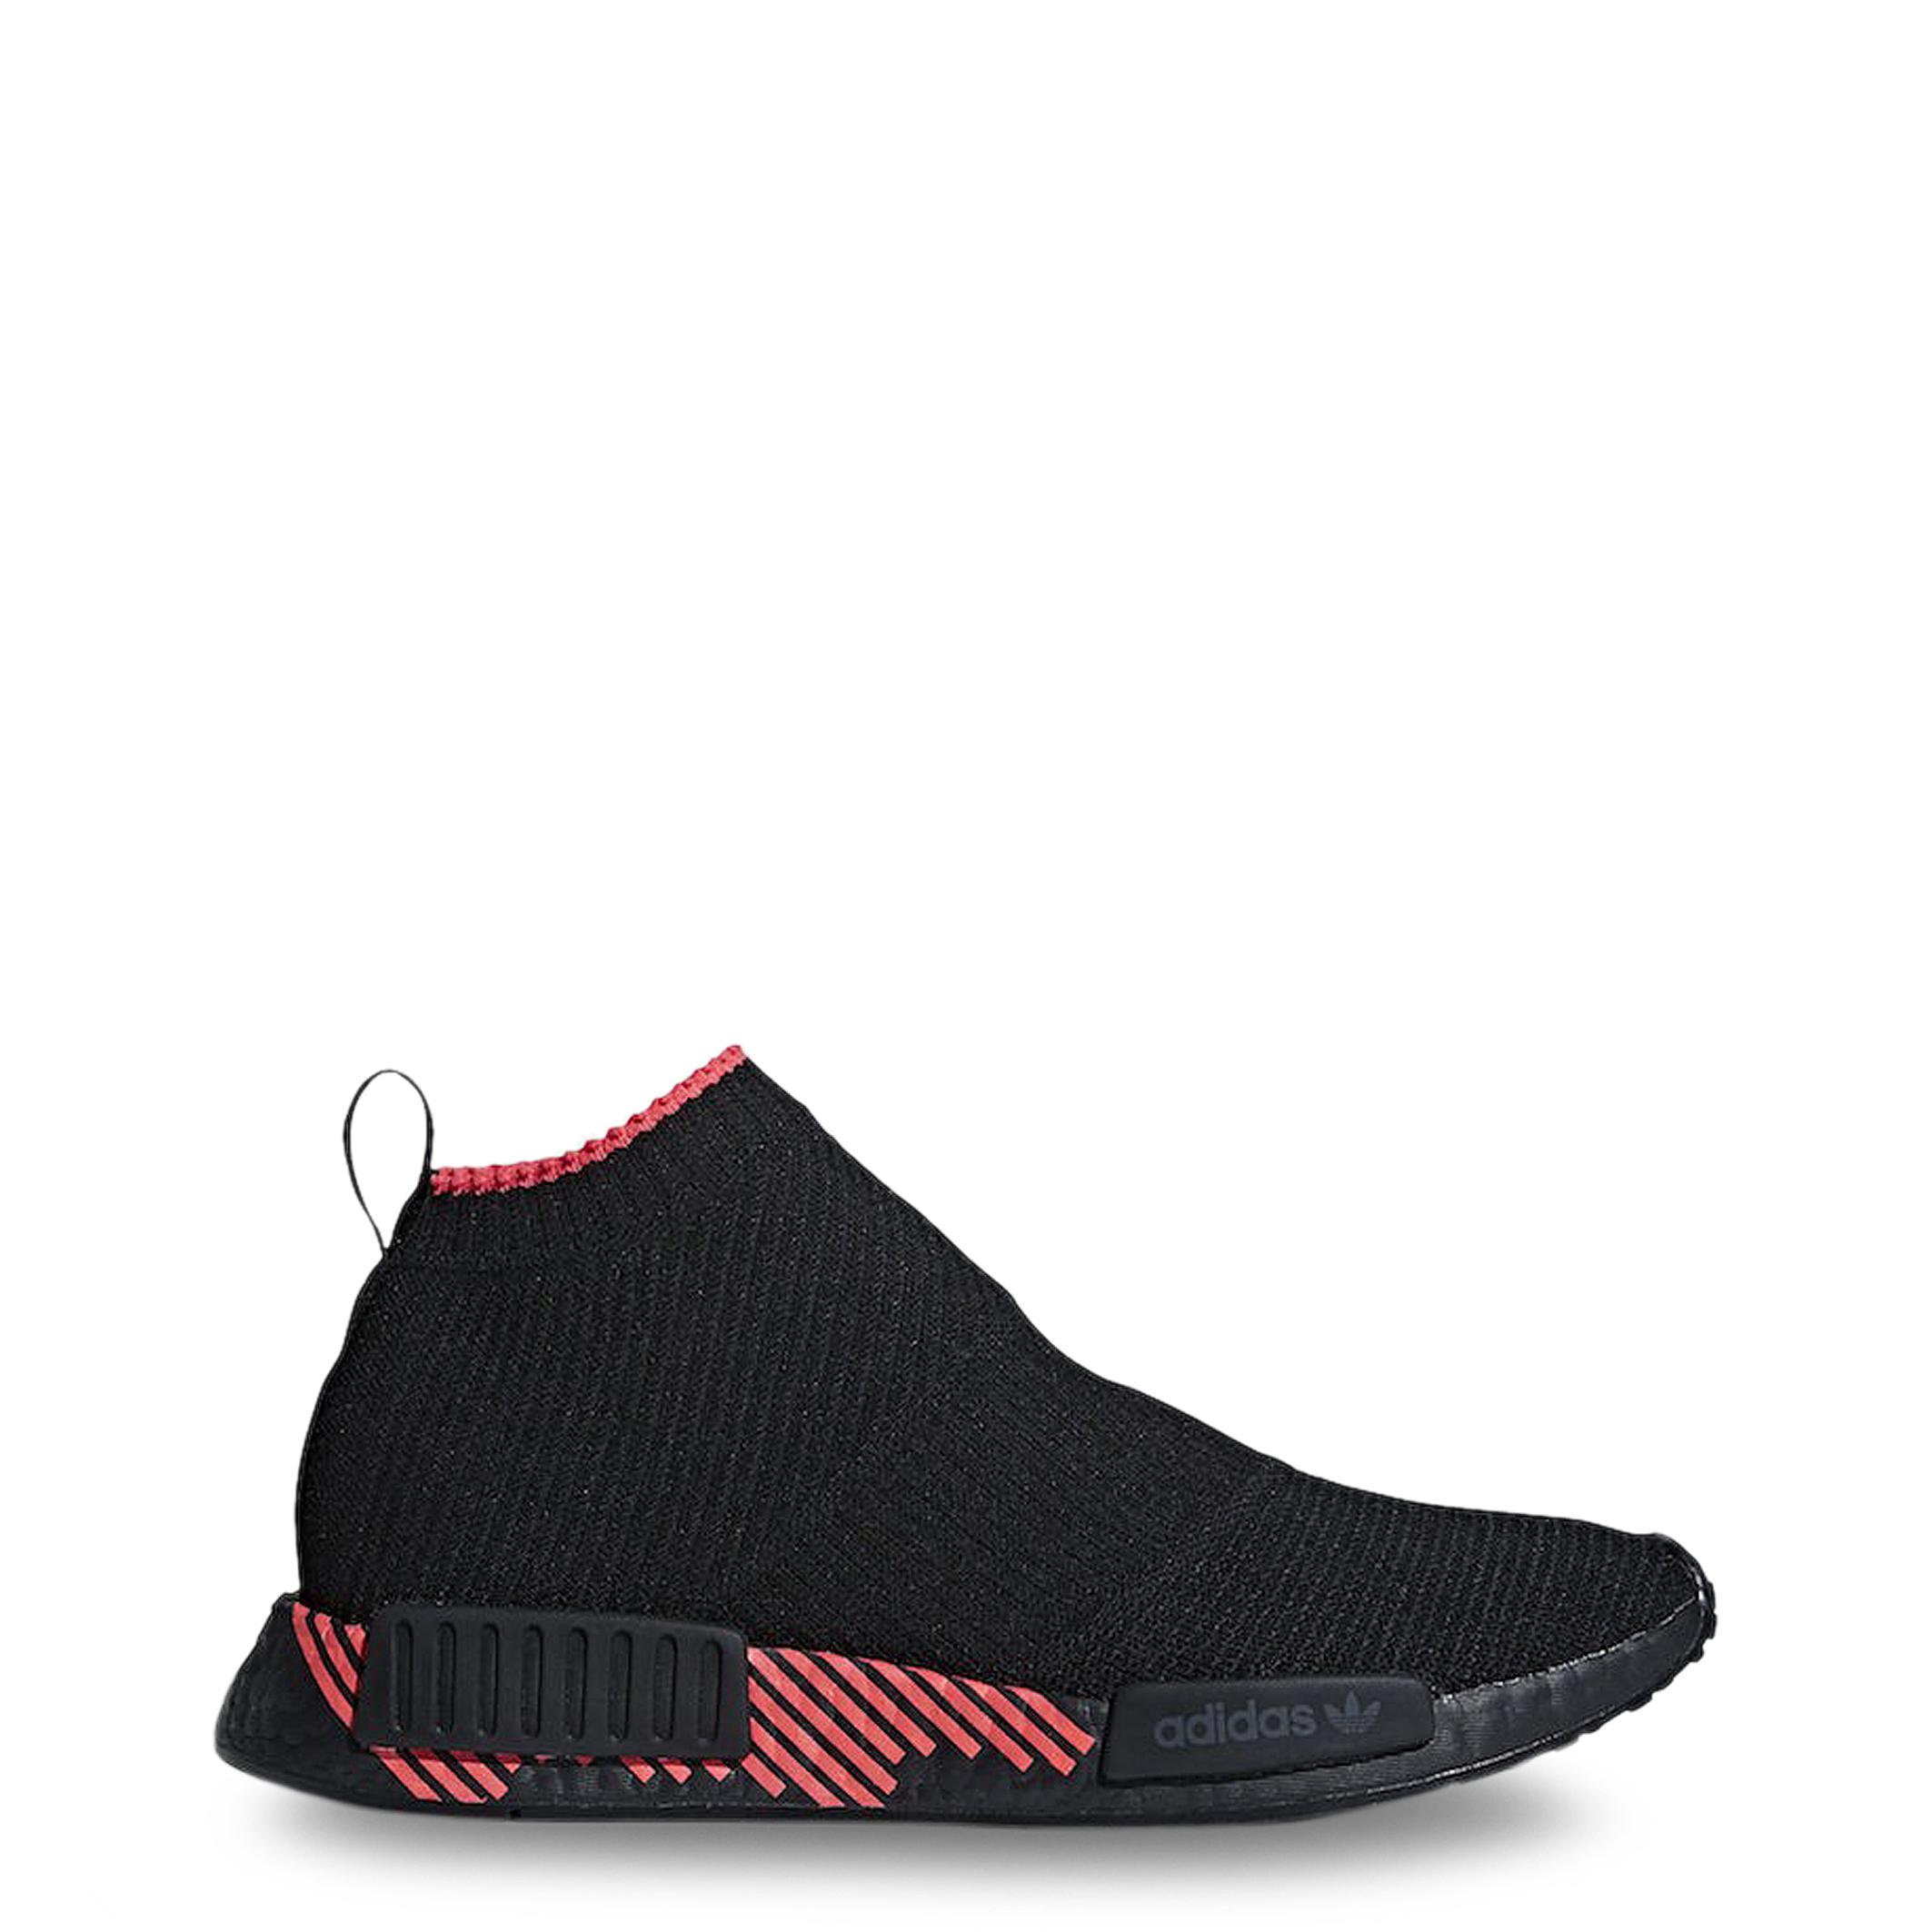 Adidas NMD-CS1